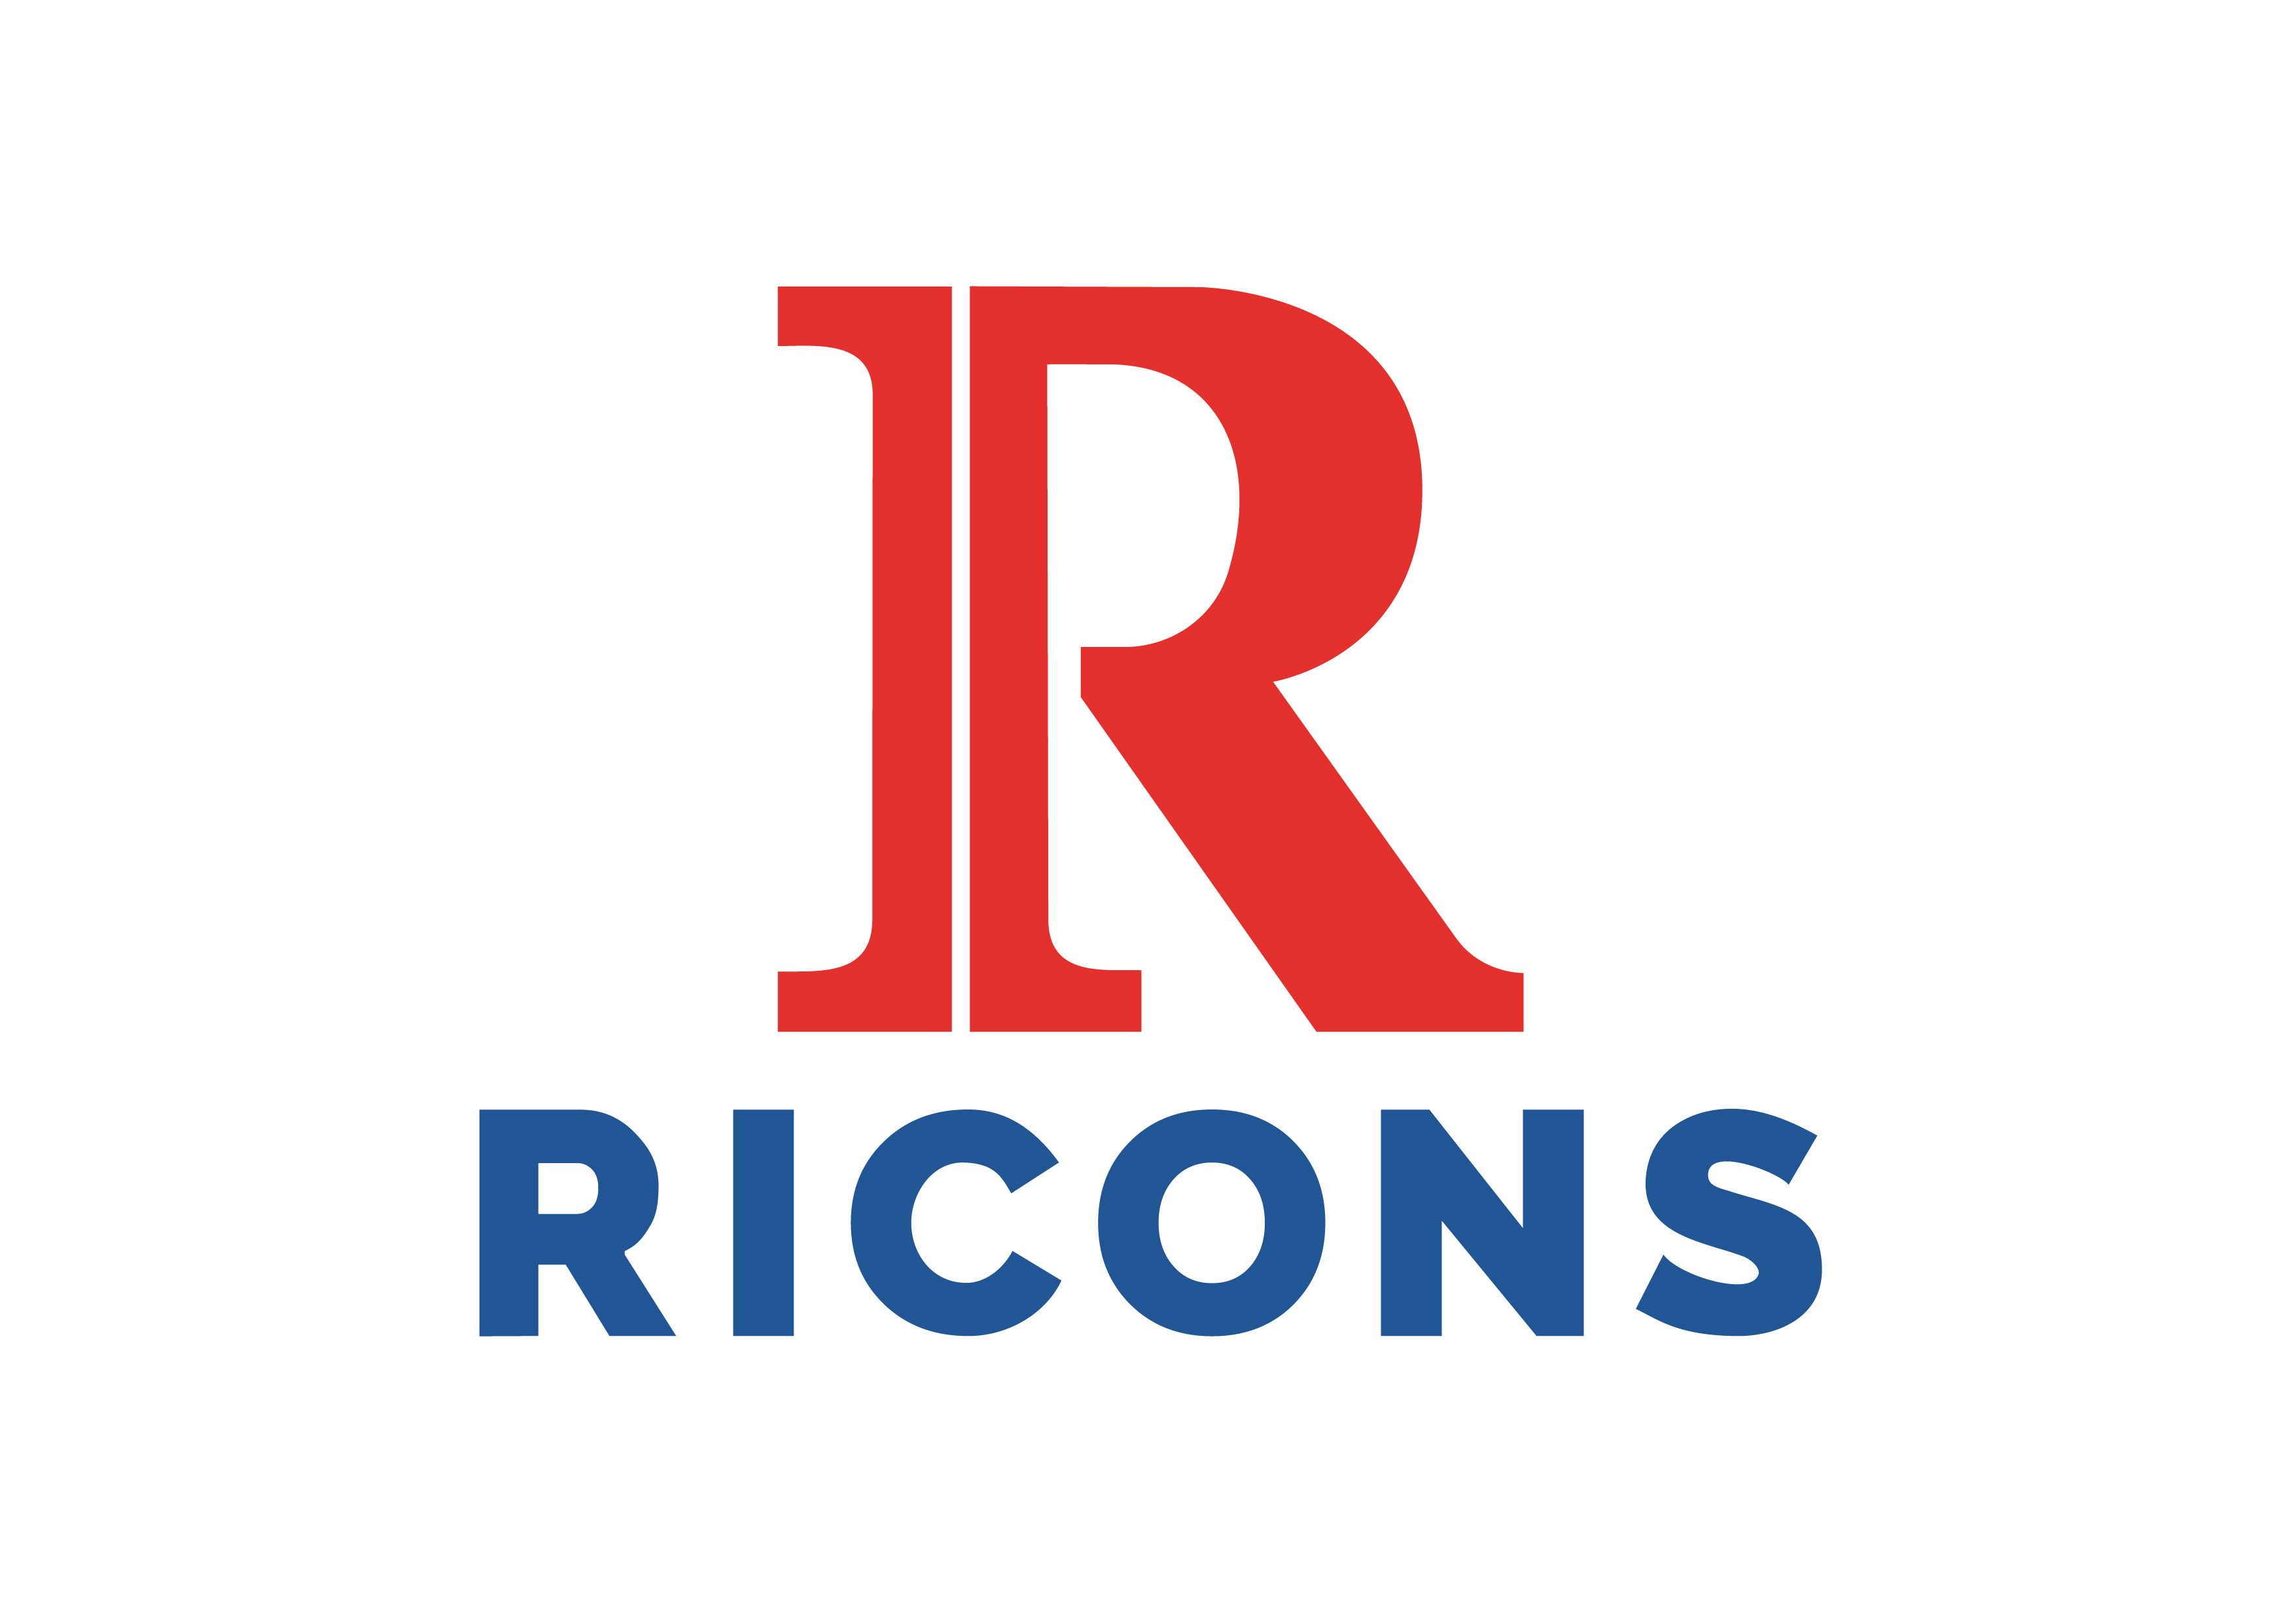 CÔNG TY CP TẬP ĐOÀN ĐẦU TƯ XÂY DỰNG RICONS